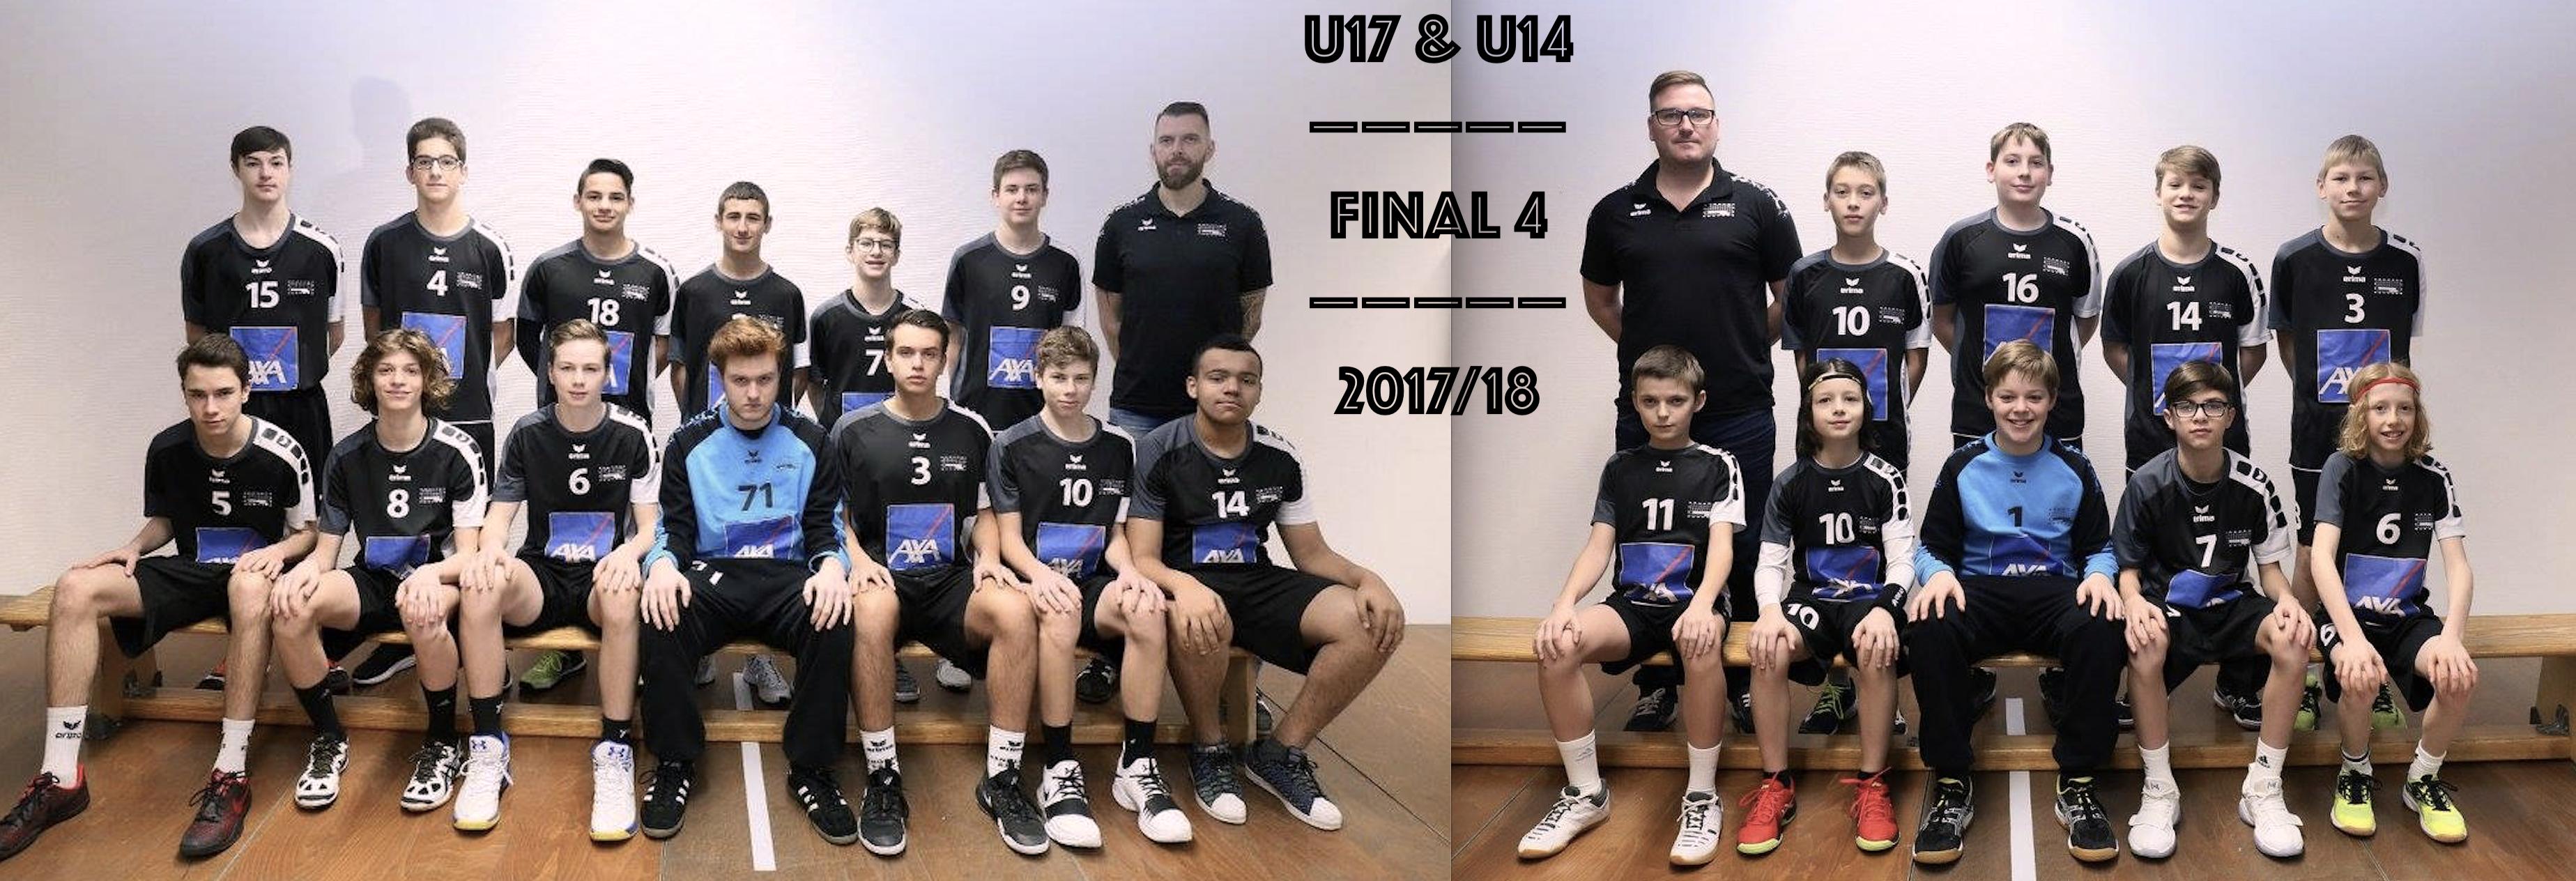 FINAL 4 bei der U14 an U17 Jongen